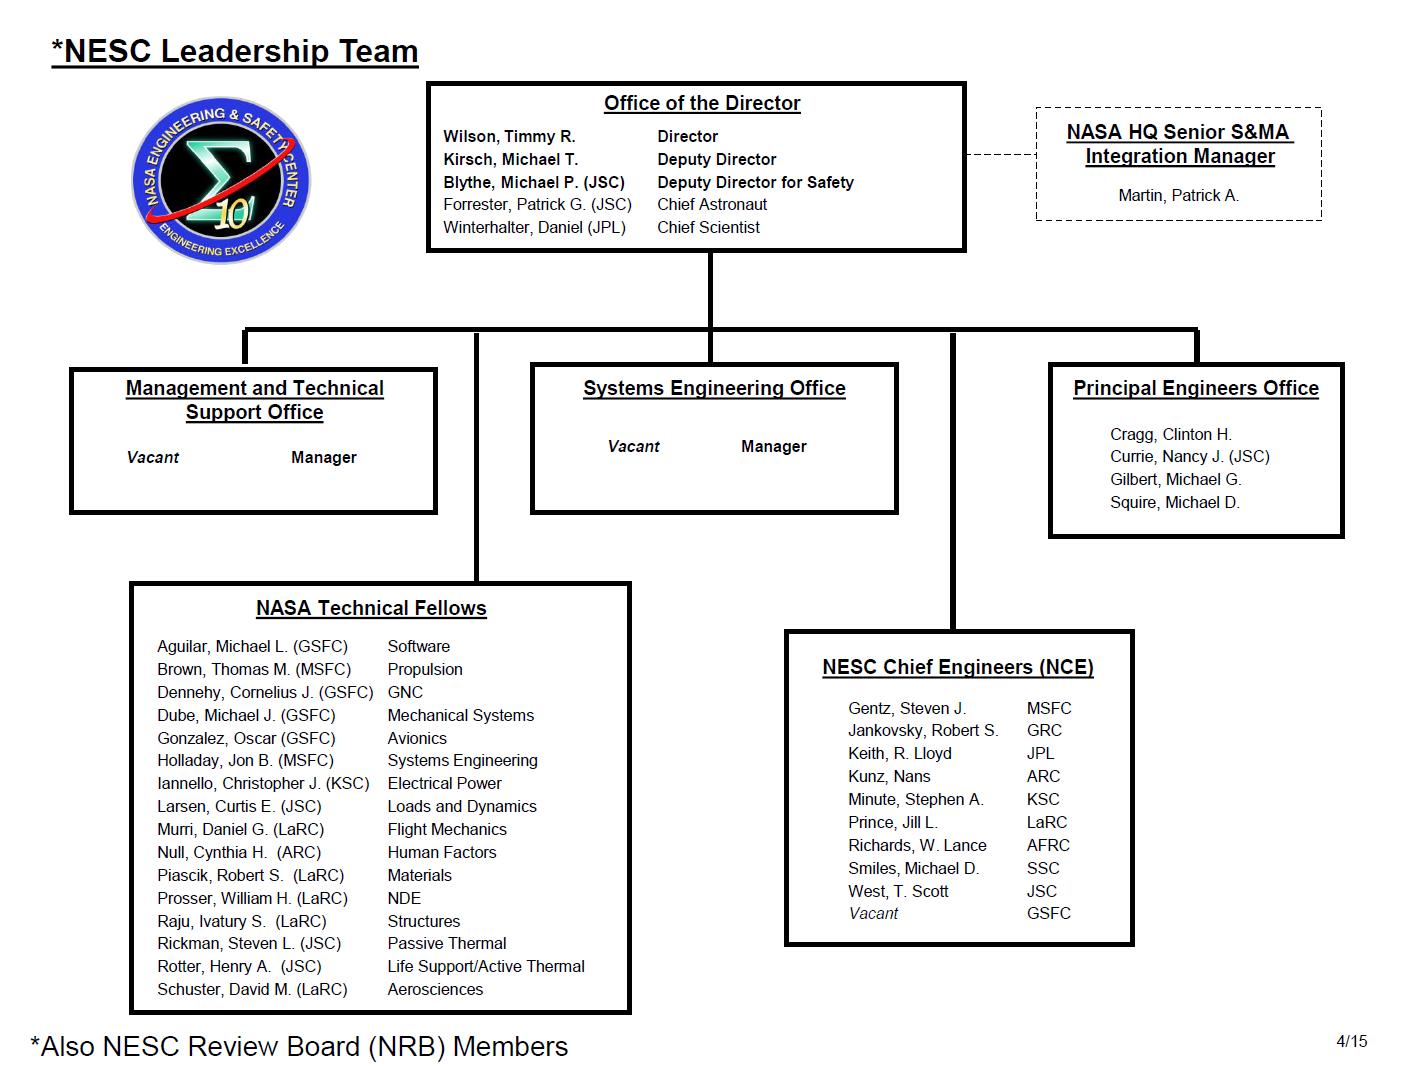 nasa charts organization - photo #14